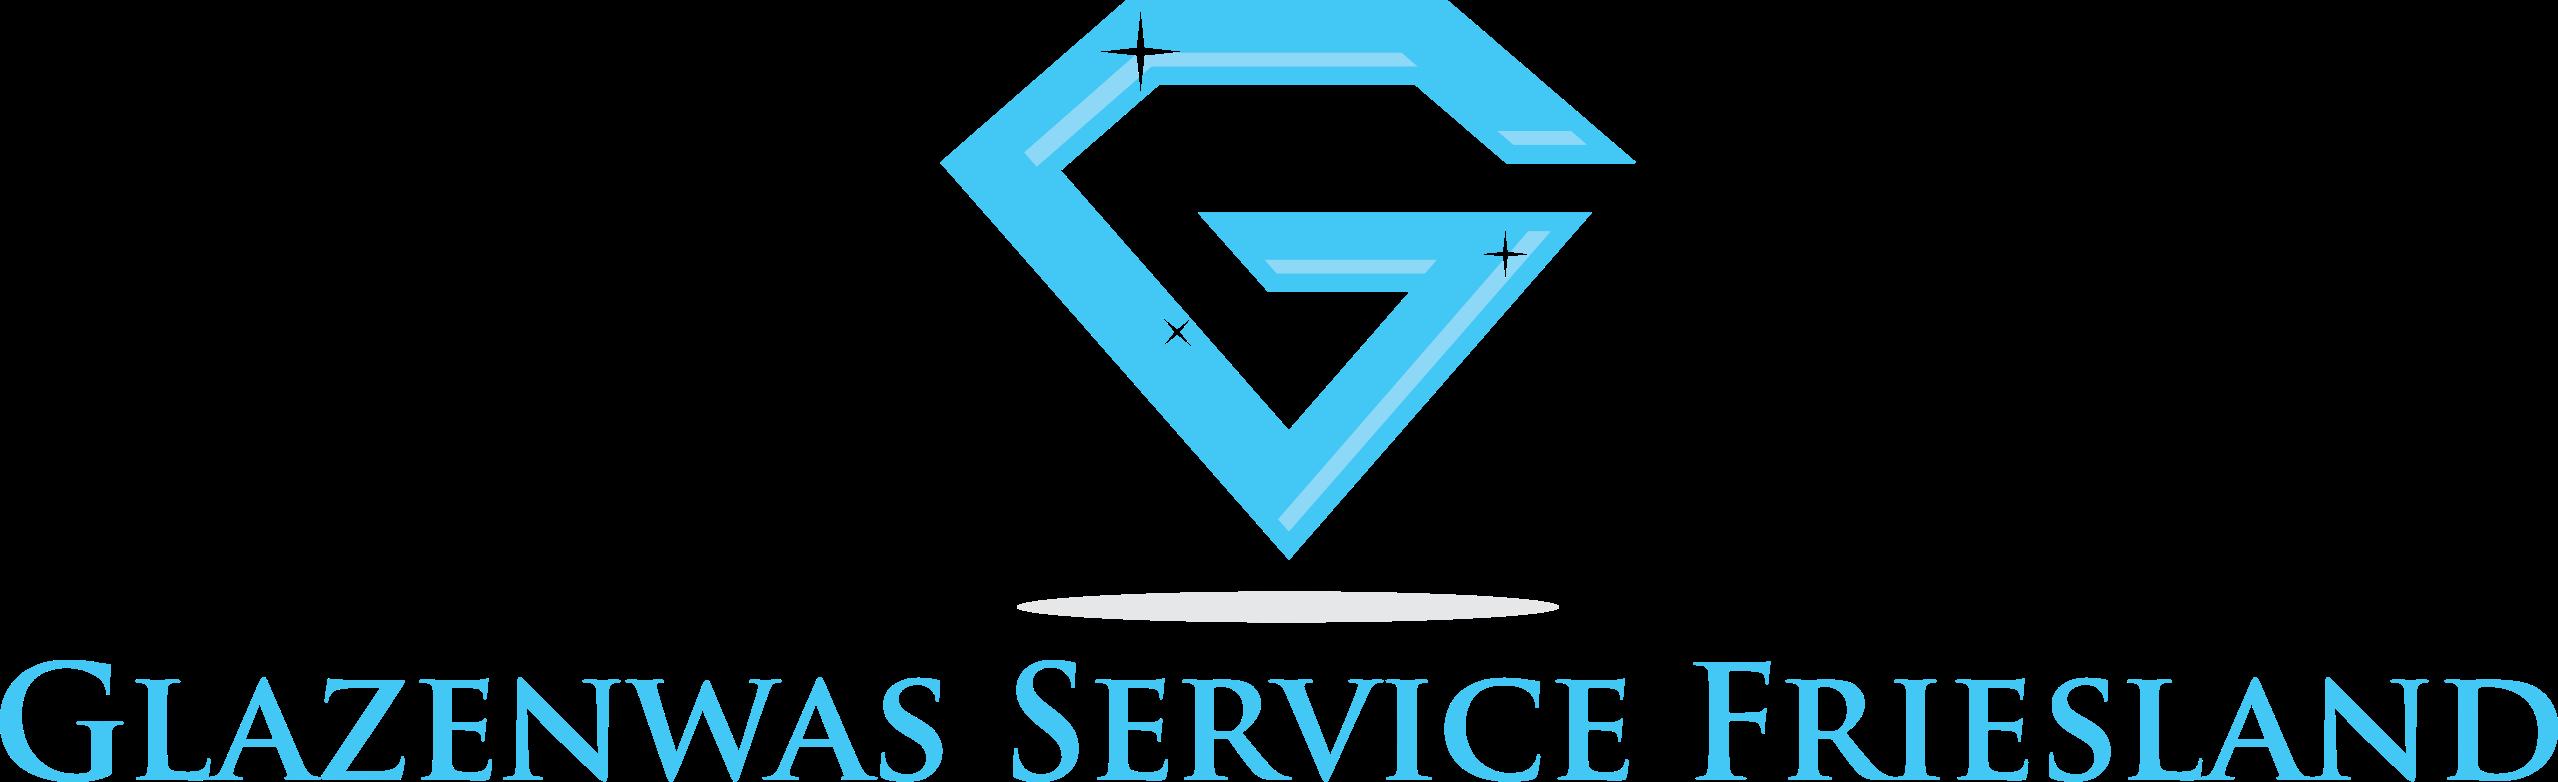 Glazenwas Service Friesland